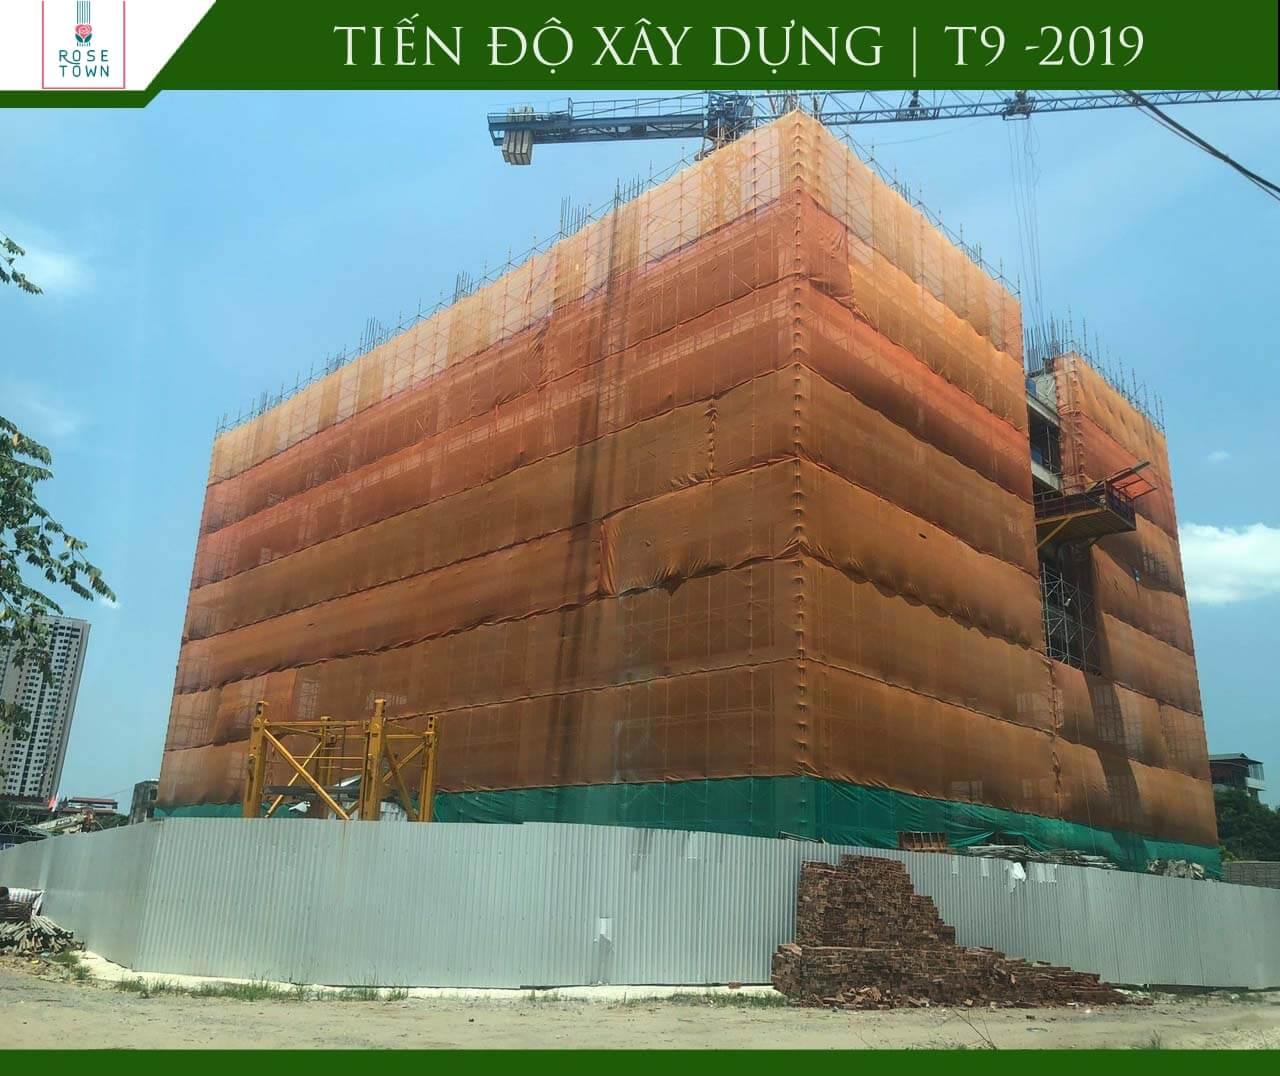 Tiến độ xây dựng Rose Town tháng 9/2019